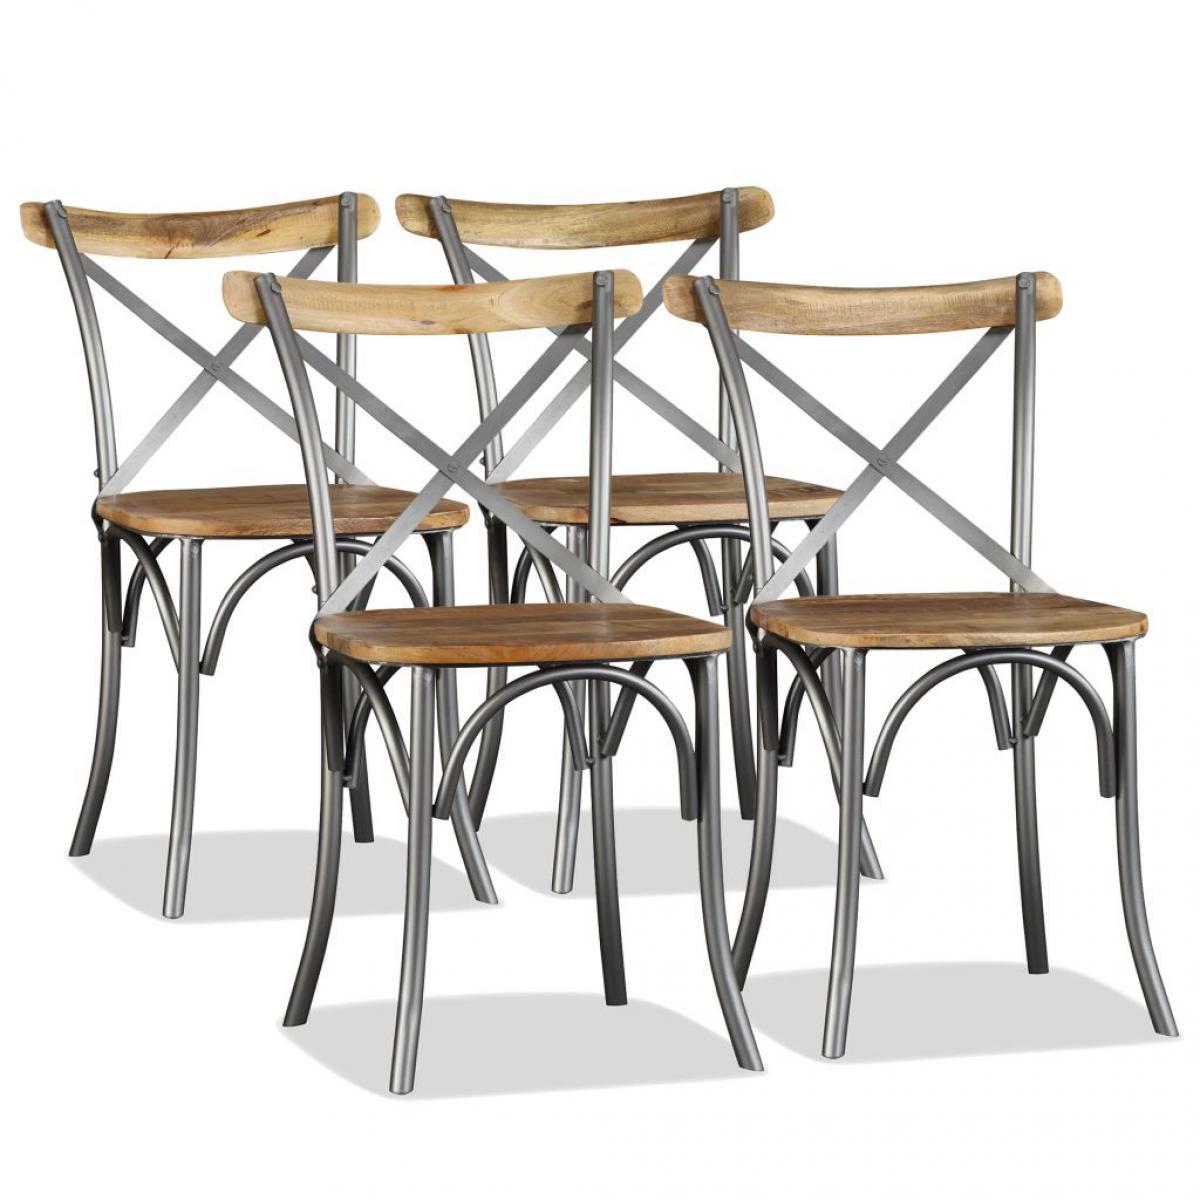 Chunhelife Chaise de salle à manger 4 pcs Bois de manguier massif et acier